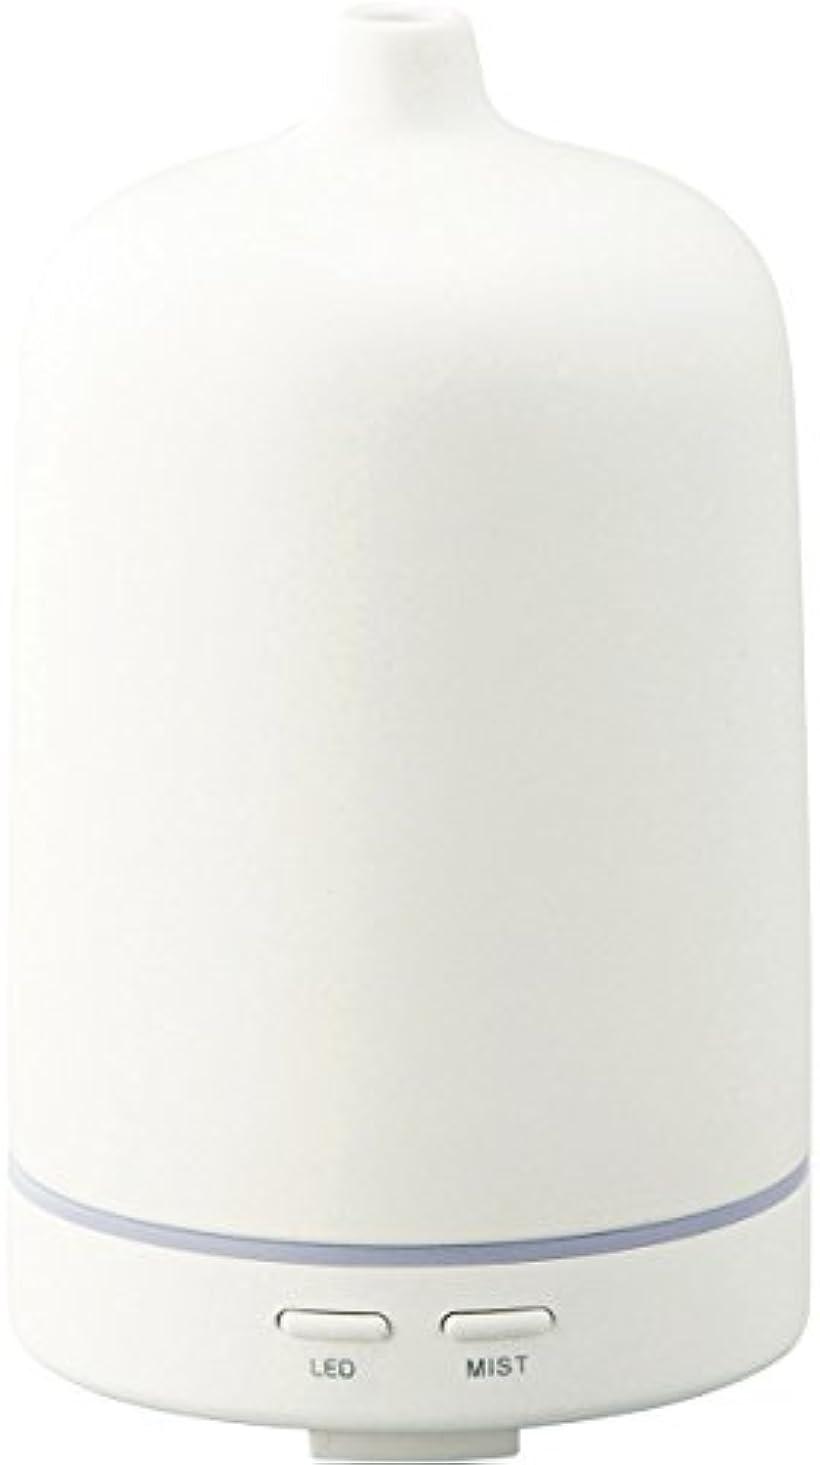 相対サイズ発見コードレスラドンナ アロマディフューザー セラミー ADF23-CR ホワイト